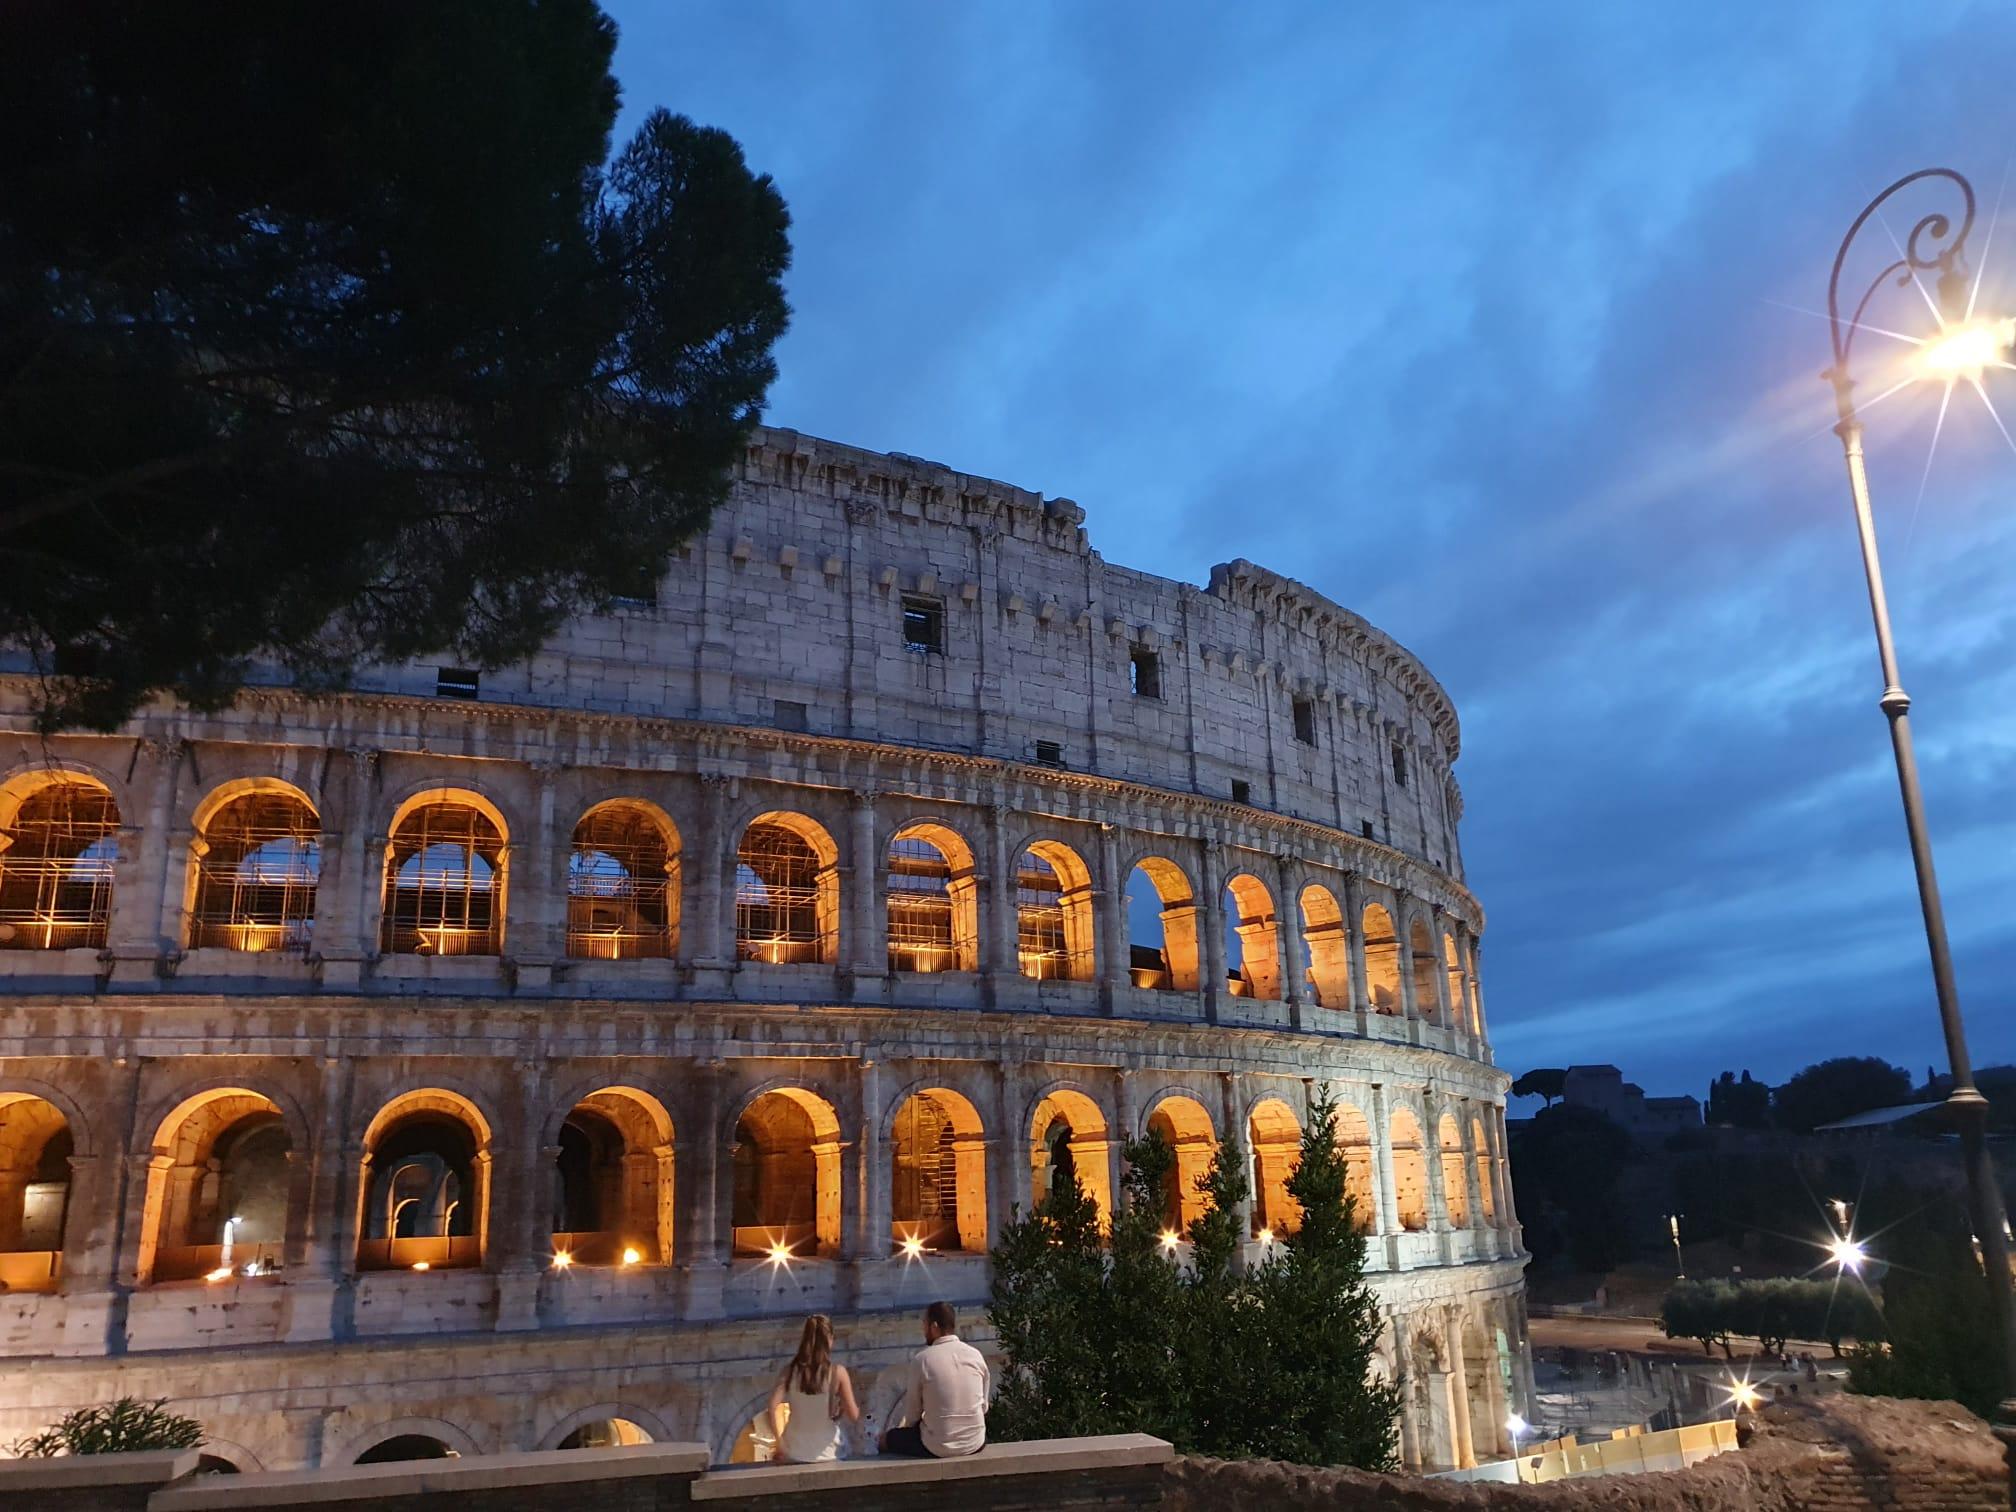 Visite guidate serali dei fori imperiali e del Colosseo